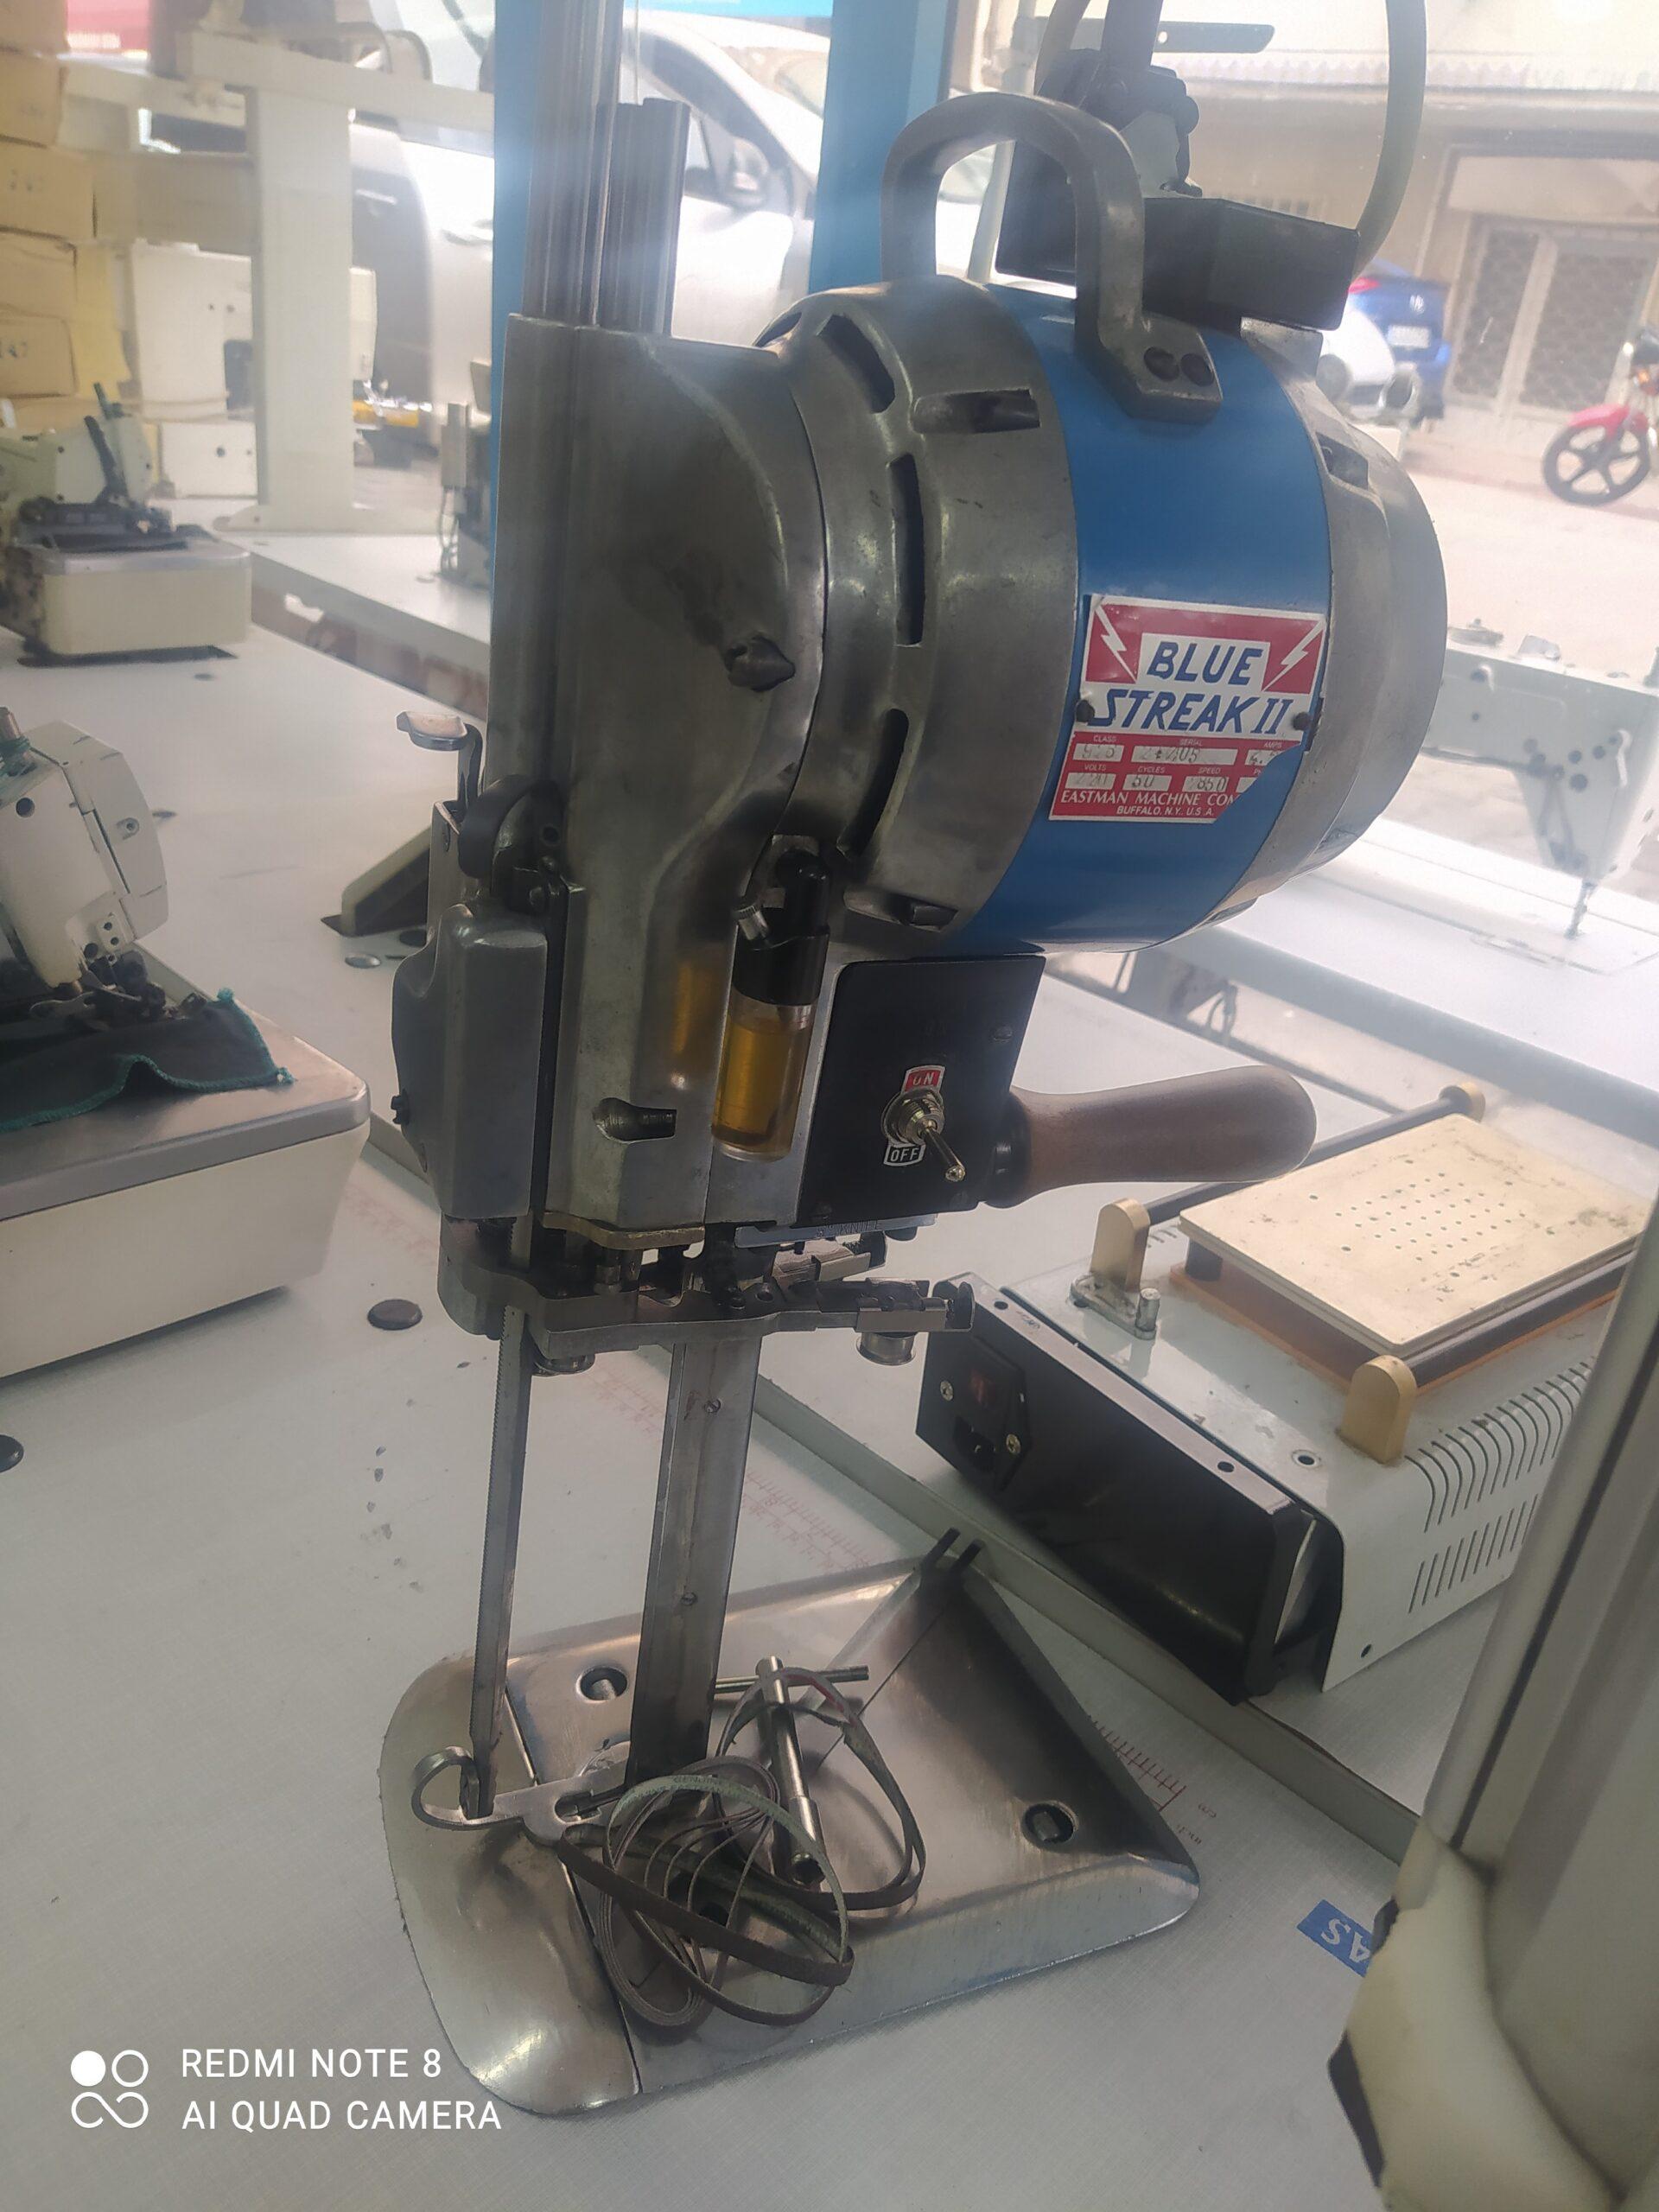 çalışır durumda bakımı yapılmış-ikinci-el-eastman-kumas-kesim-motoru-promethe-elektronik-(90)05387493459